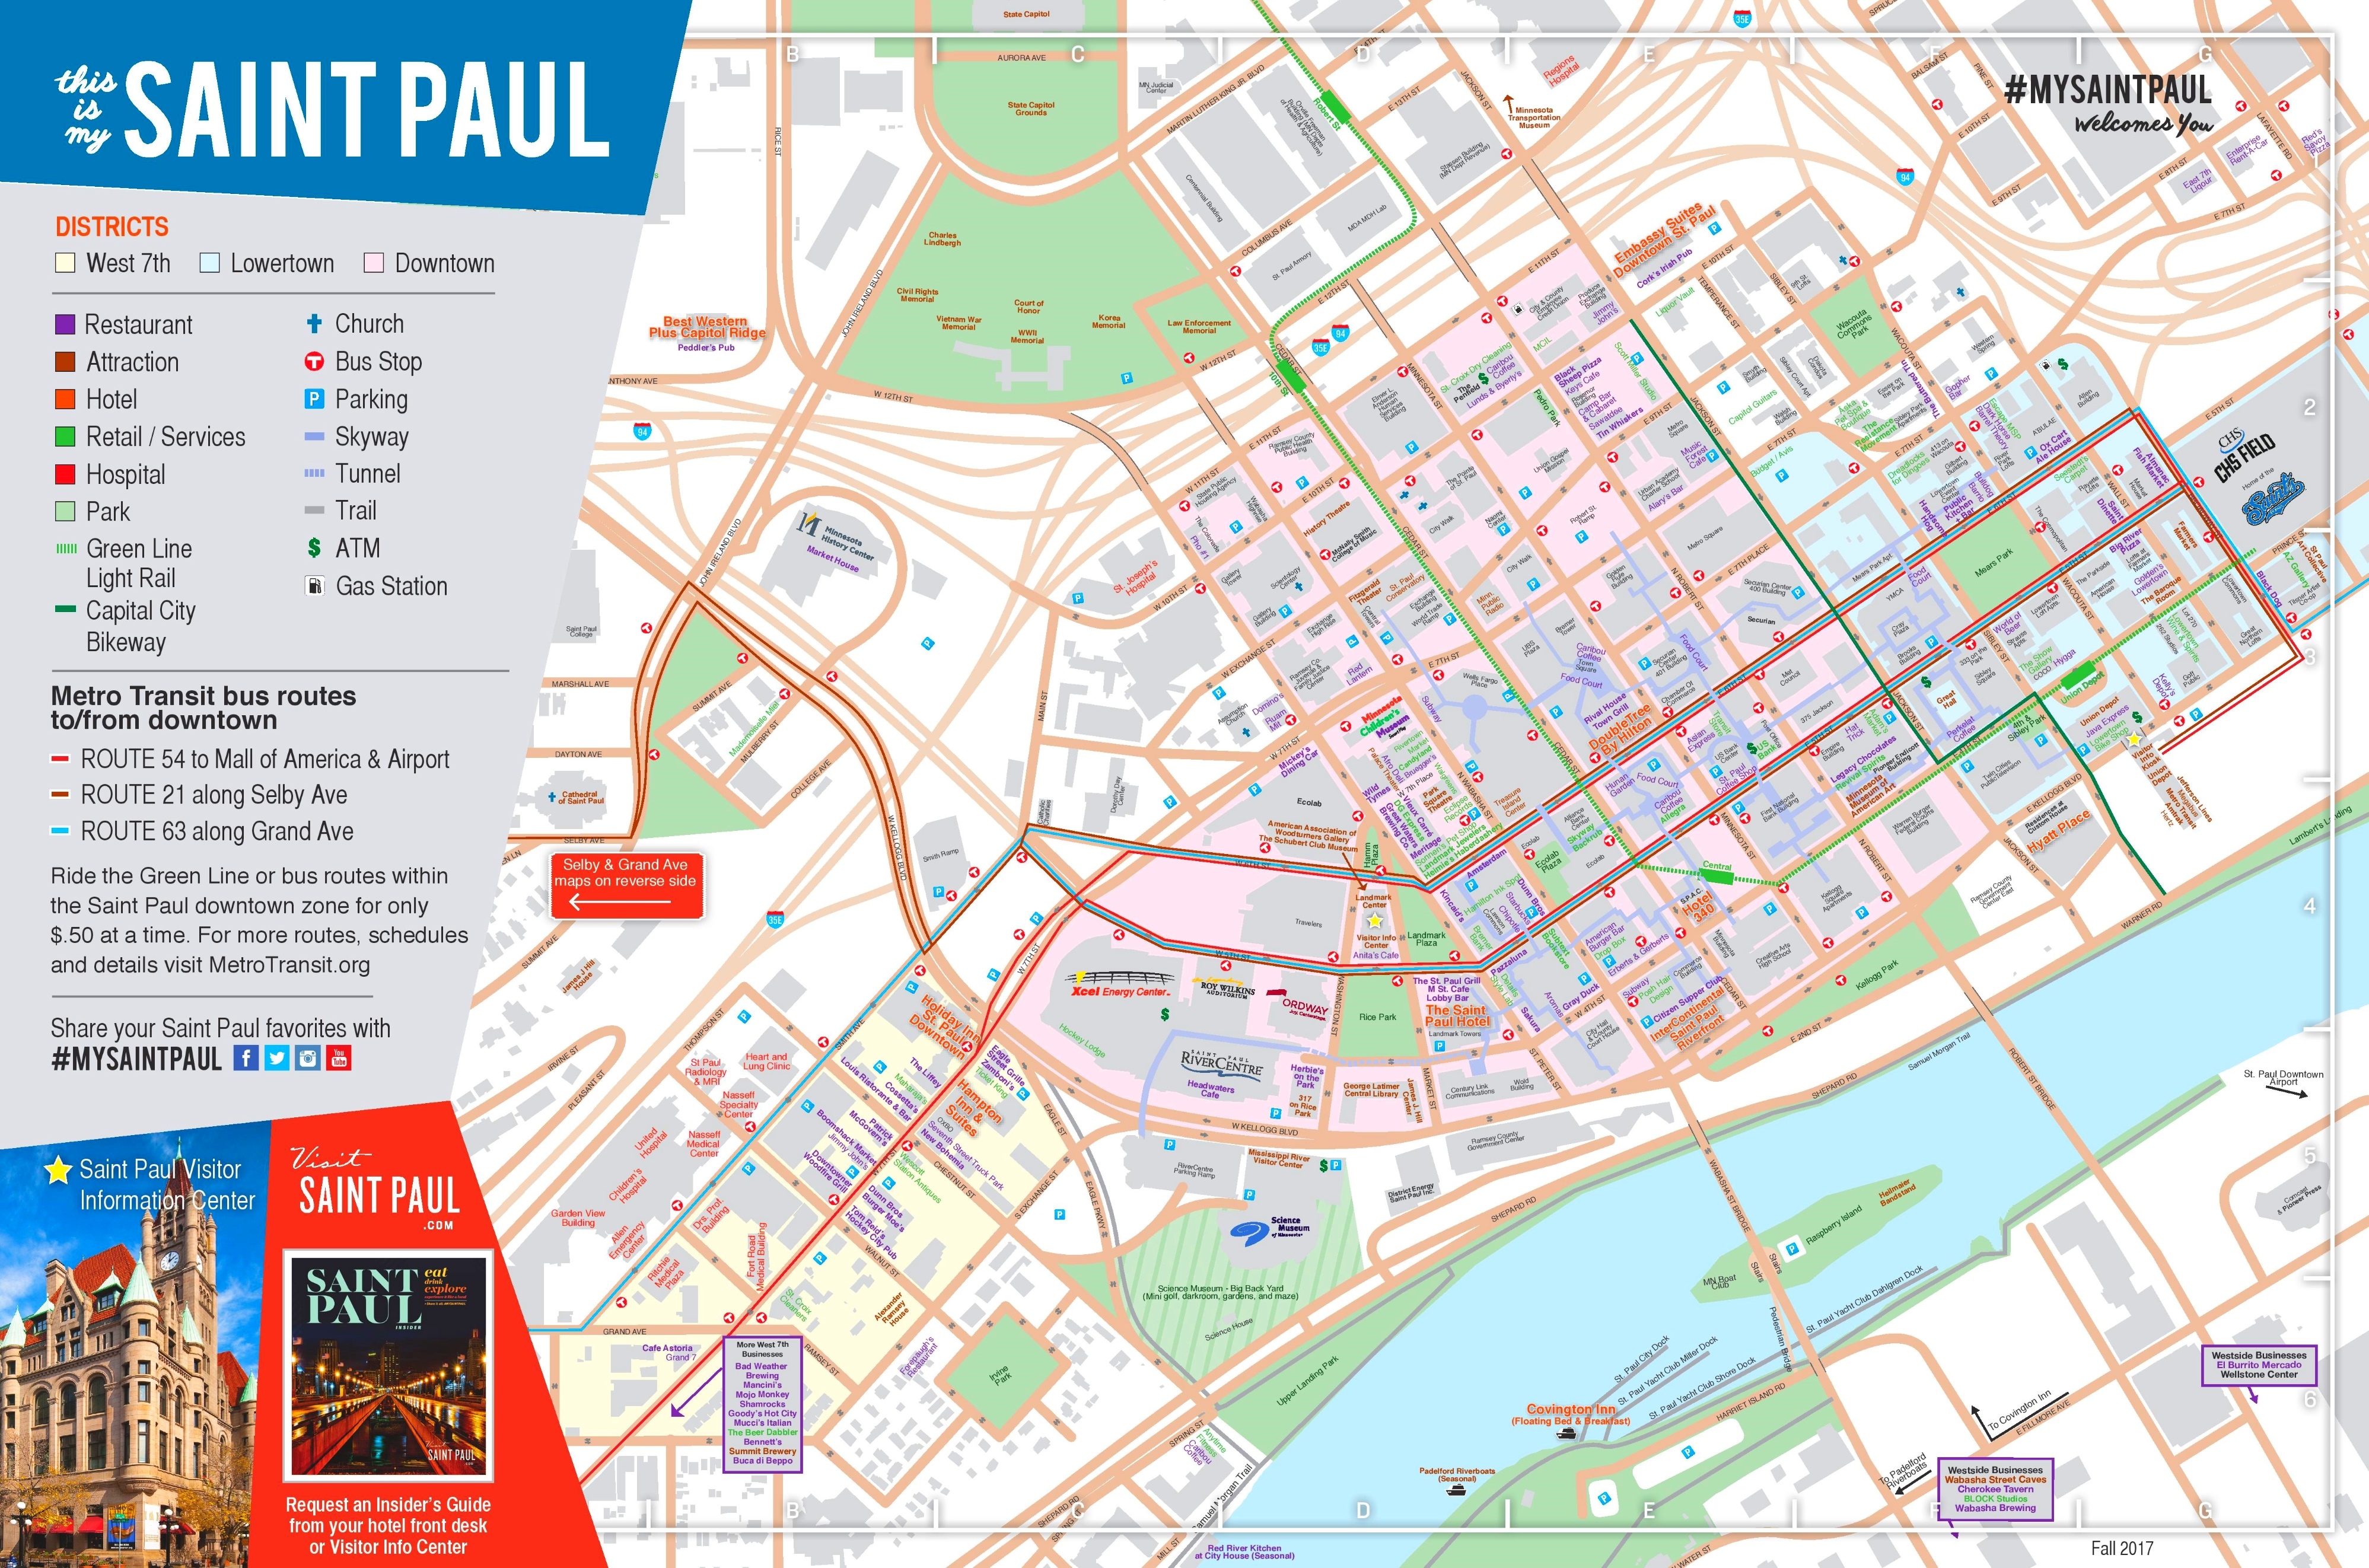 Saint Paul tourist map